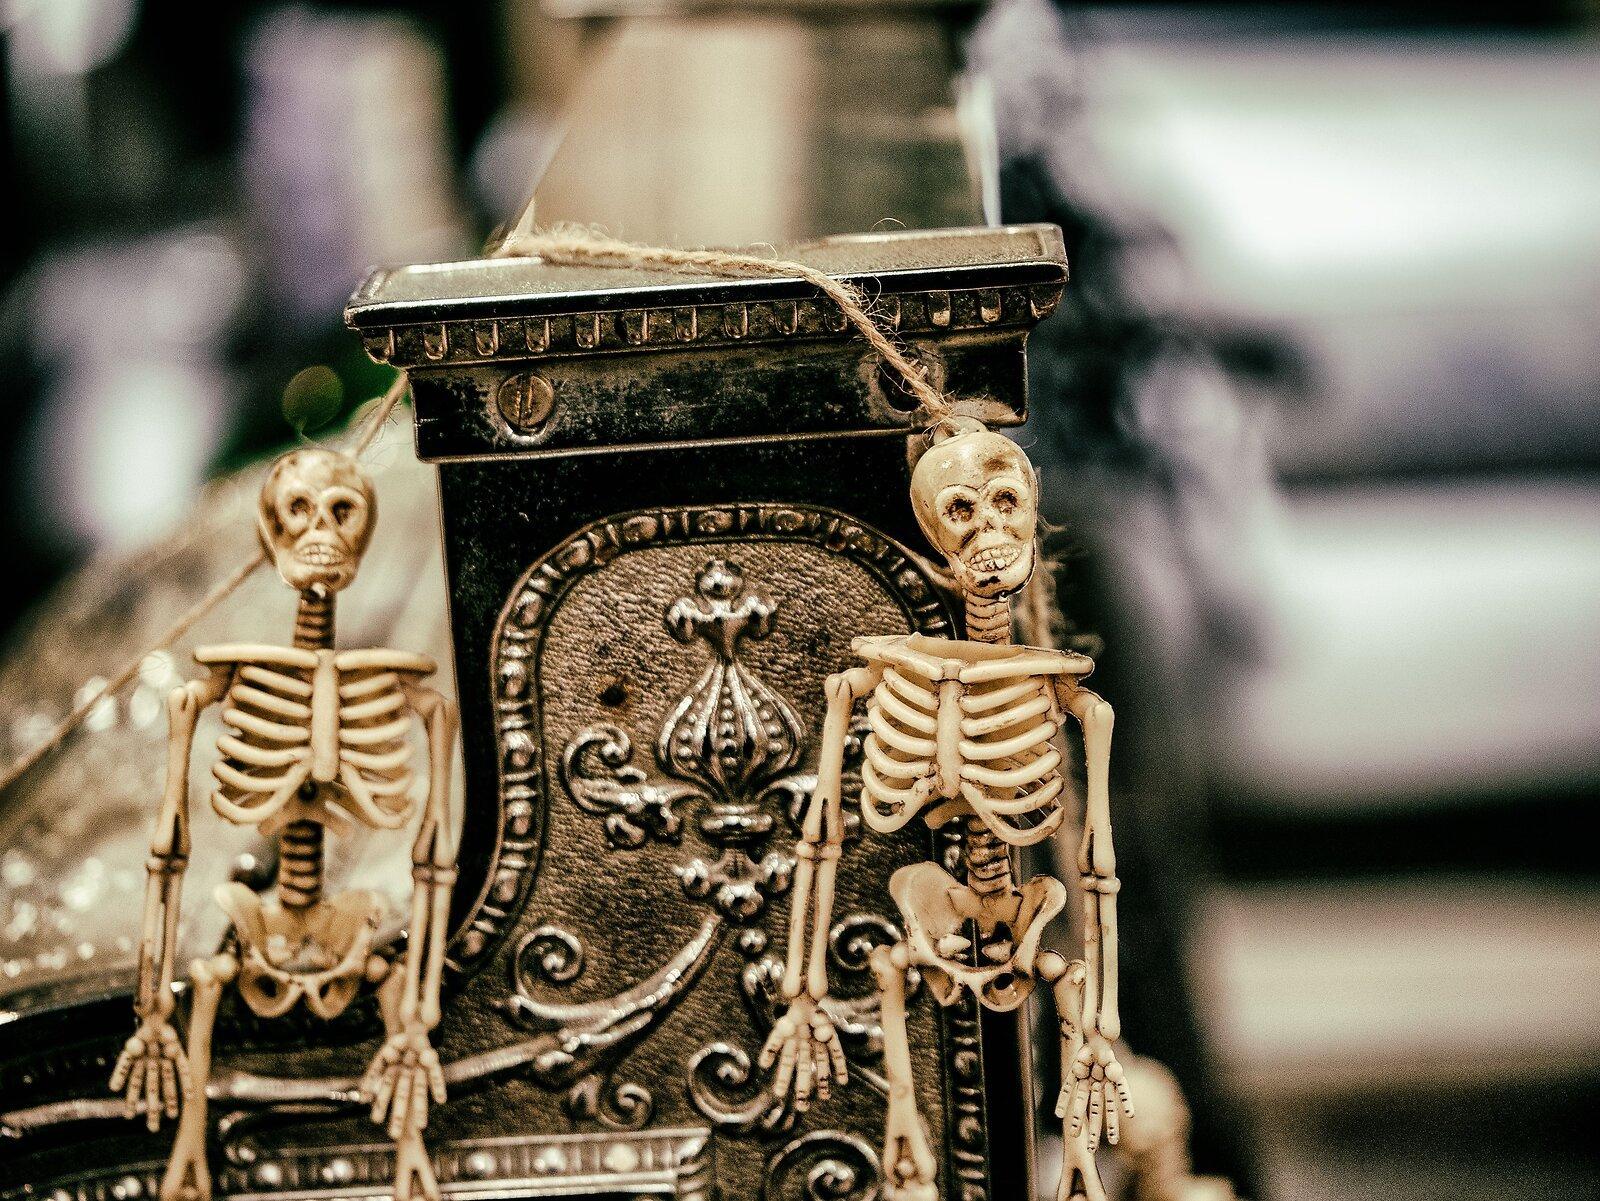 2Skeletons-AnalogEfex2.jpg